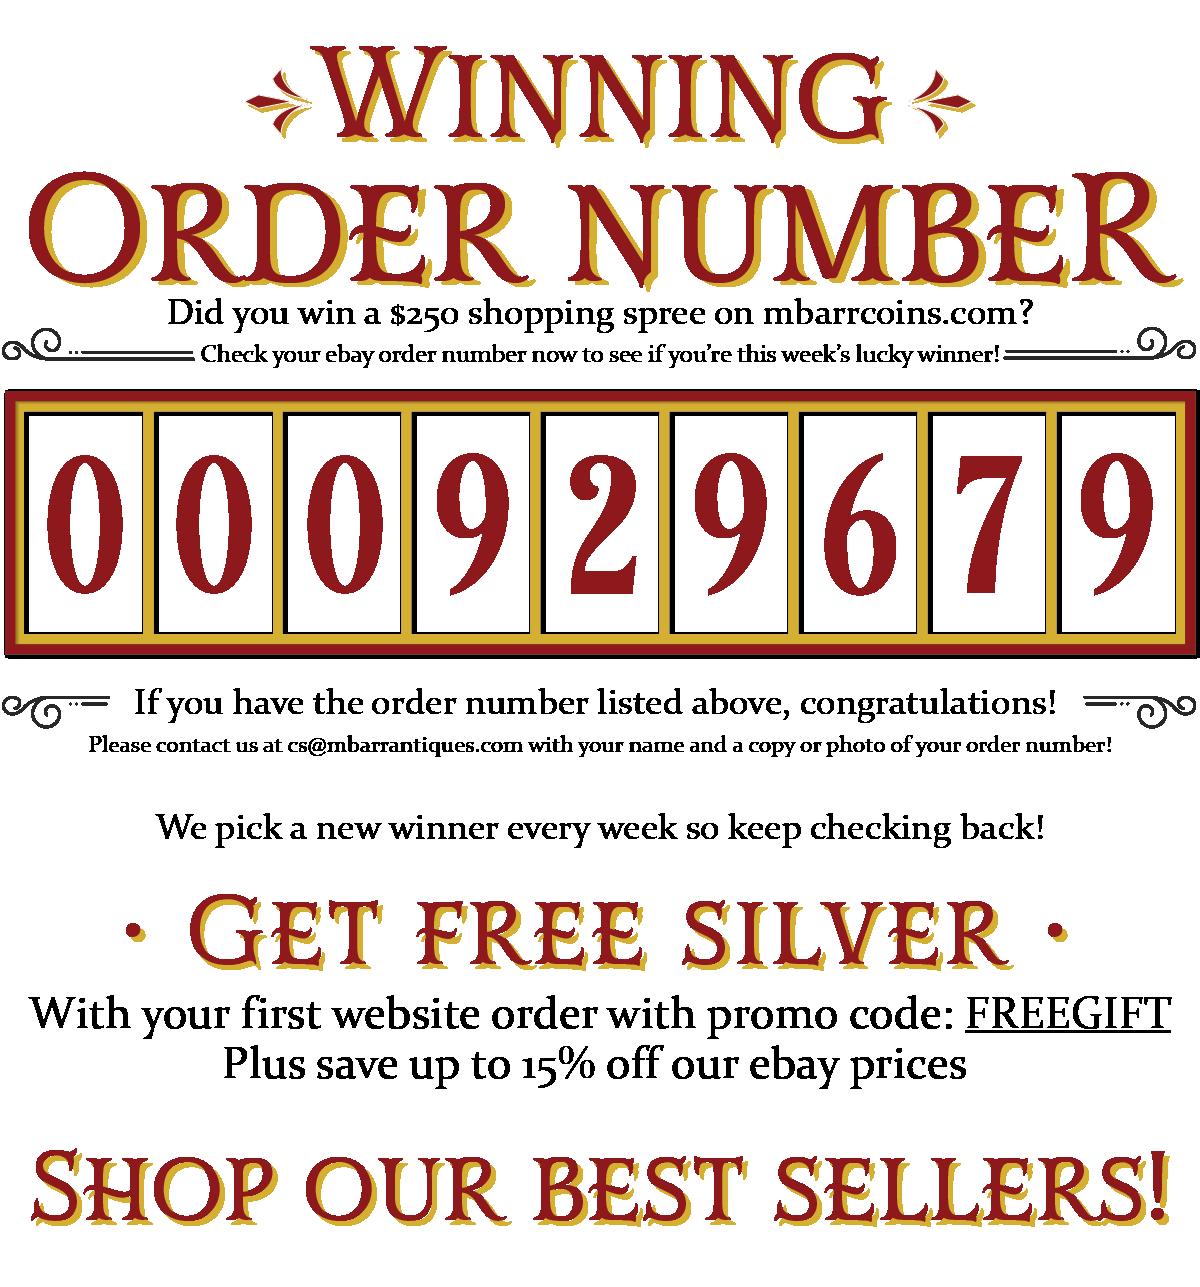 ebay-winning-order-number-01-22-20.png